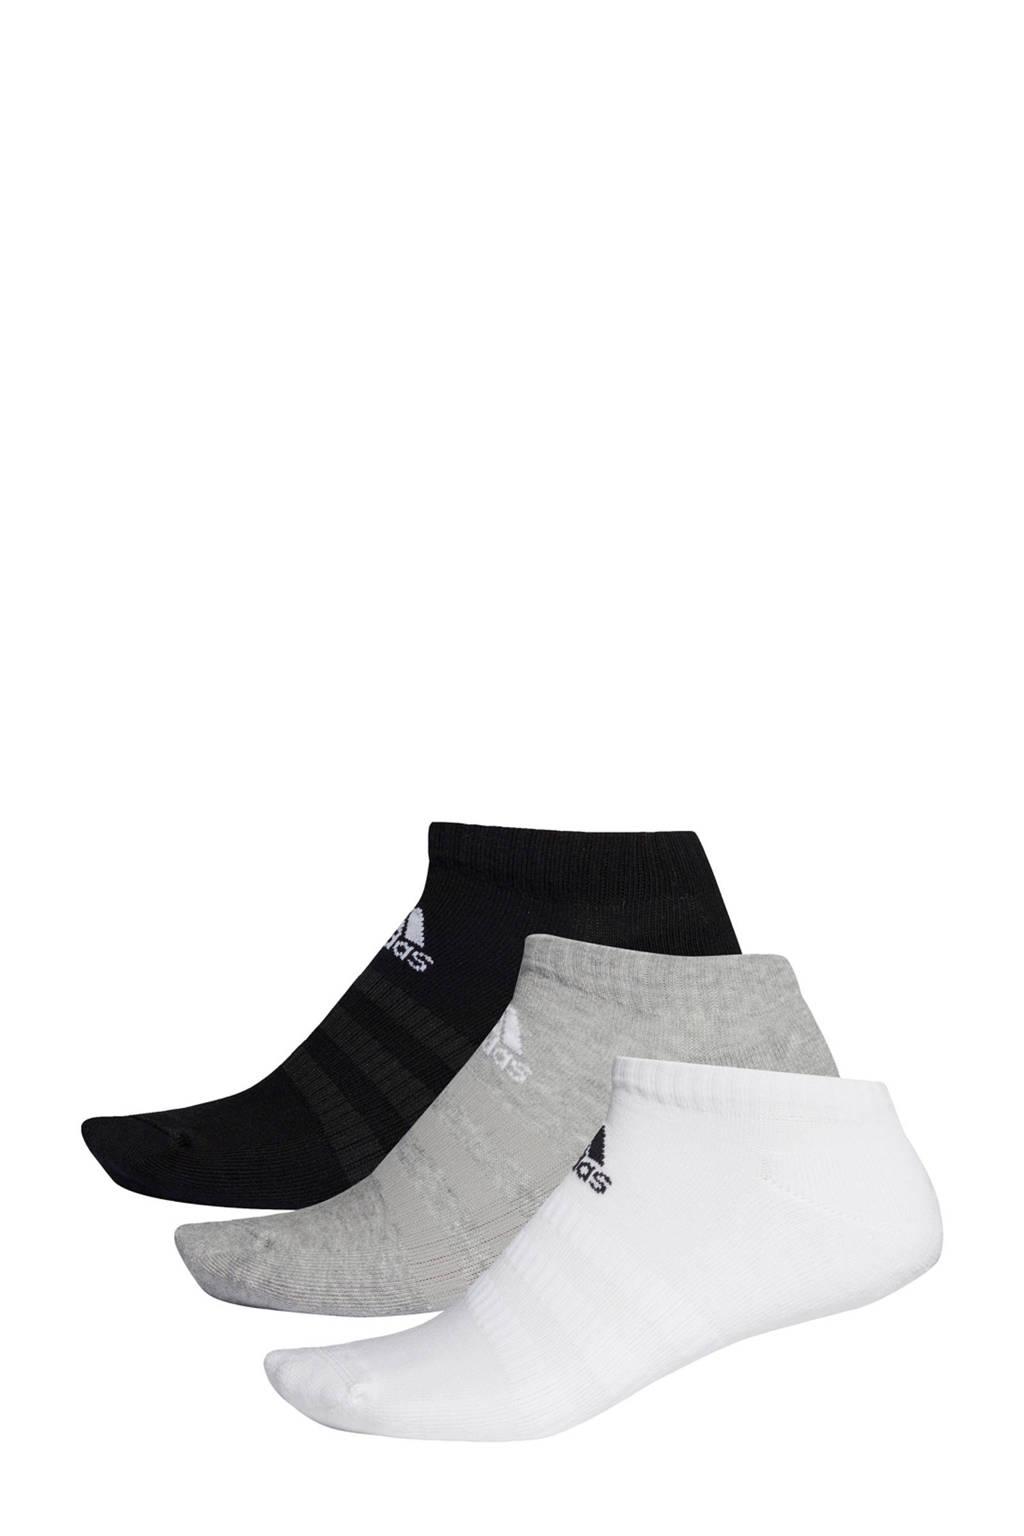 adidas   sportsokken (set van 3) zwart/grijs/wit, Wit/grijs/zwart